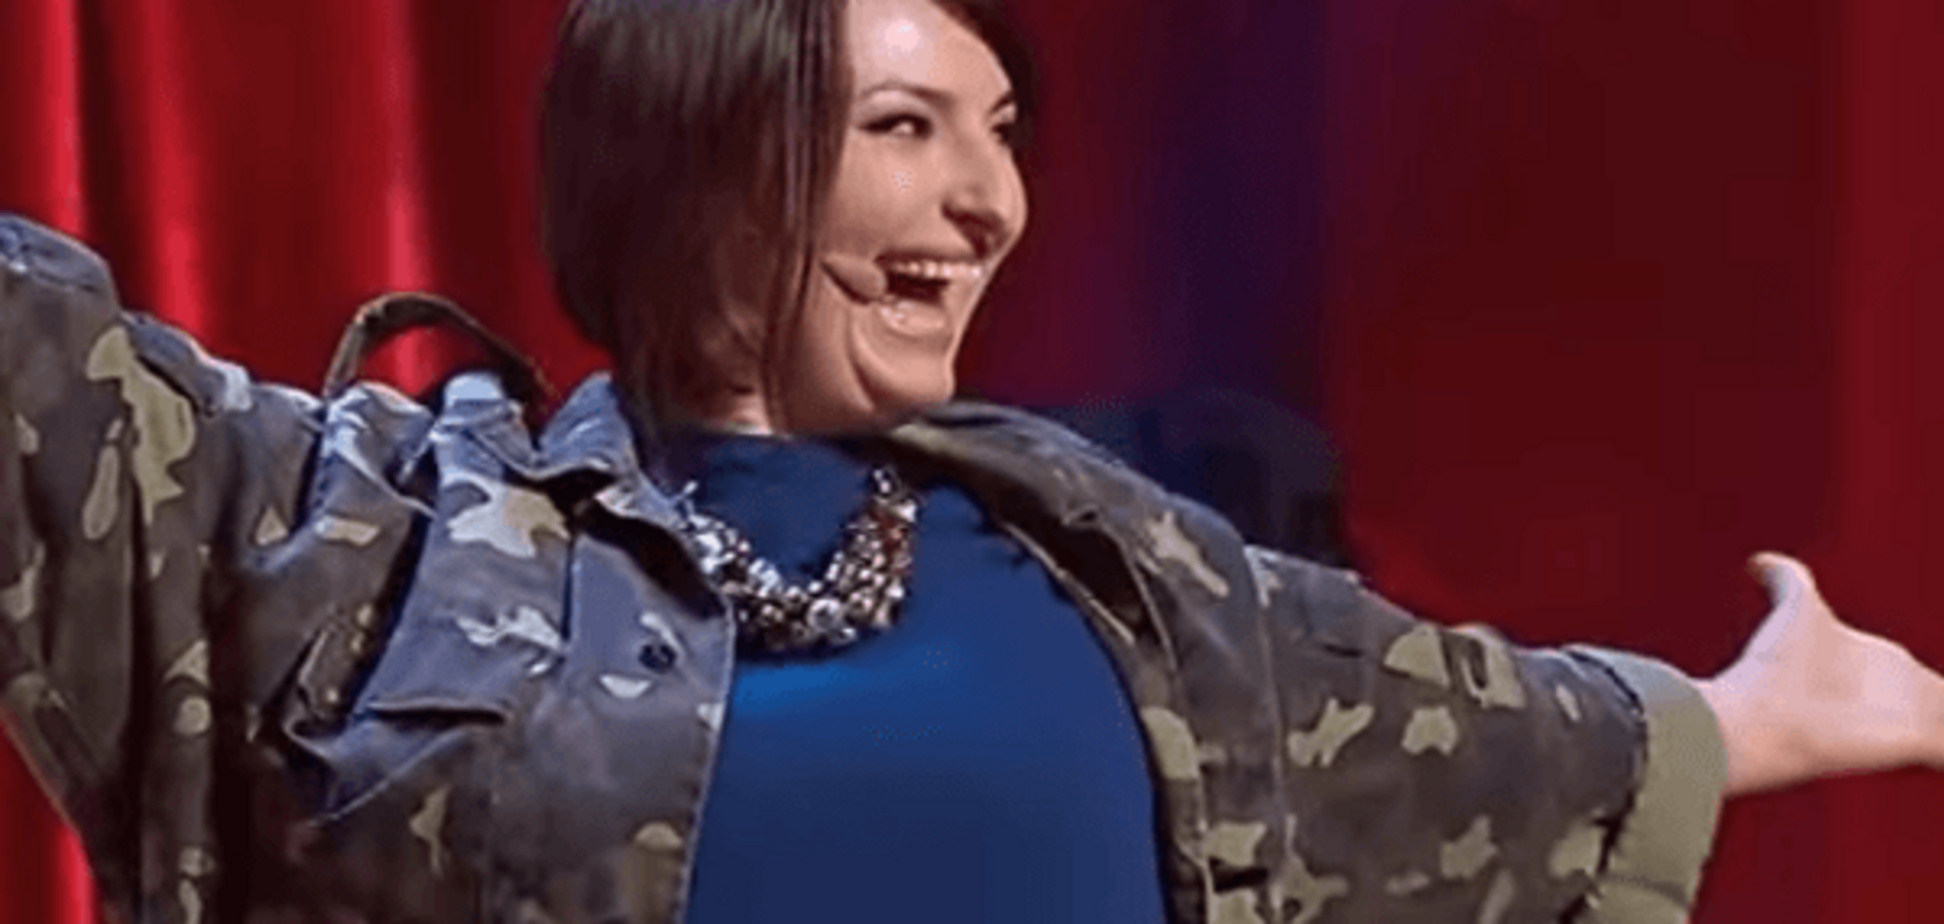 На ТБ висміяли виступ 'ДНР' на конкурсі 'Міс Всесвіт'